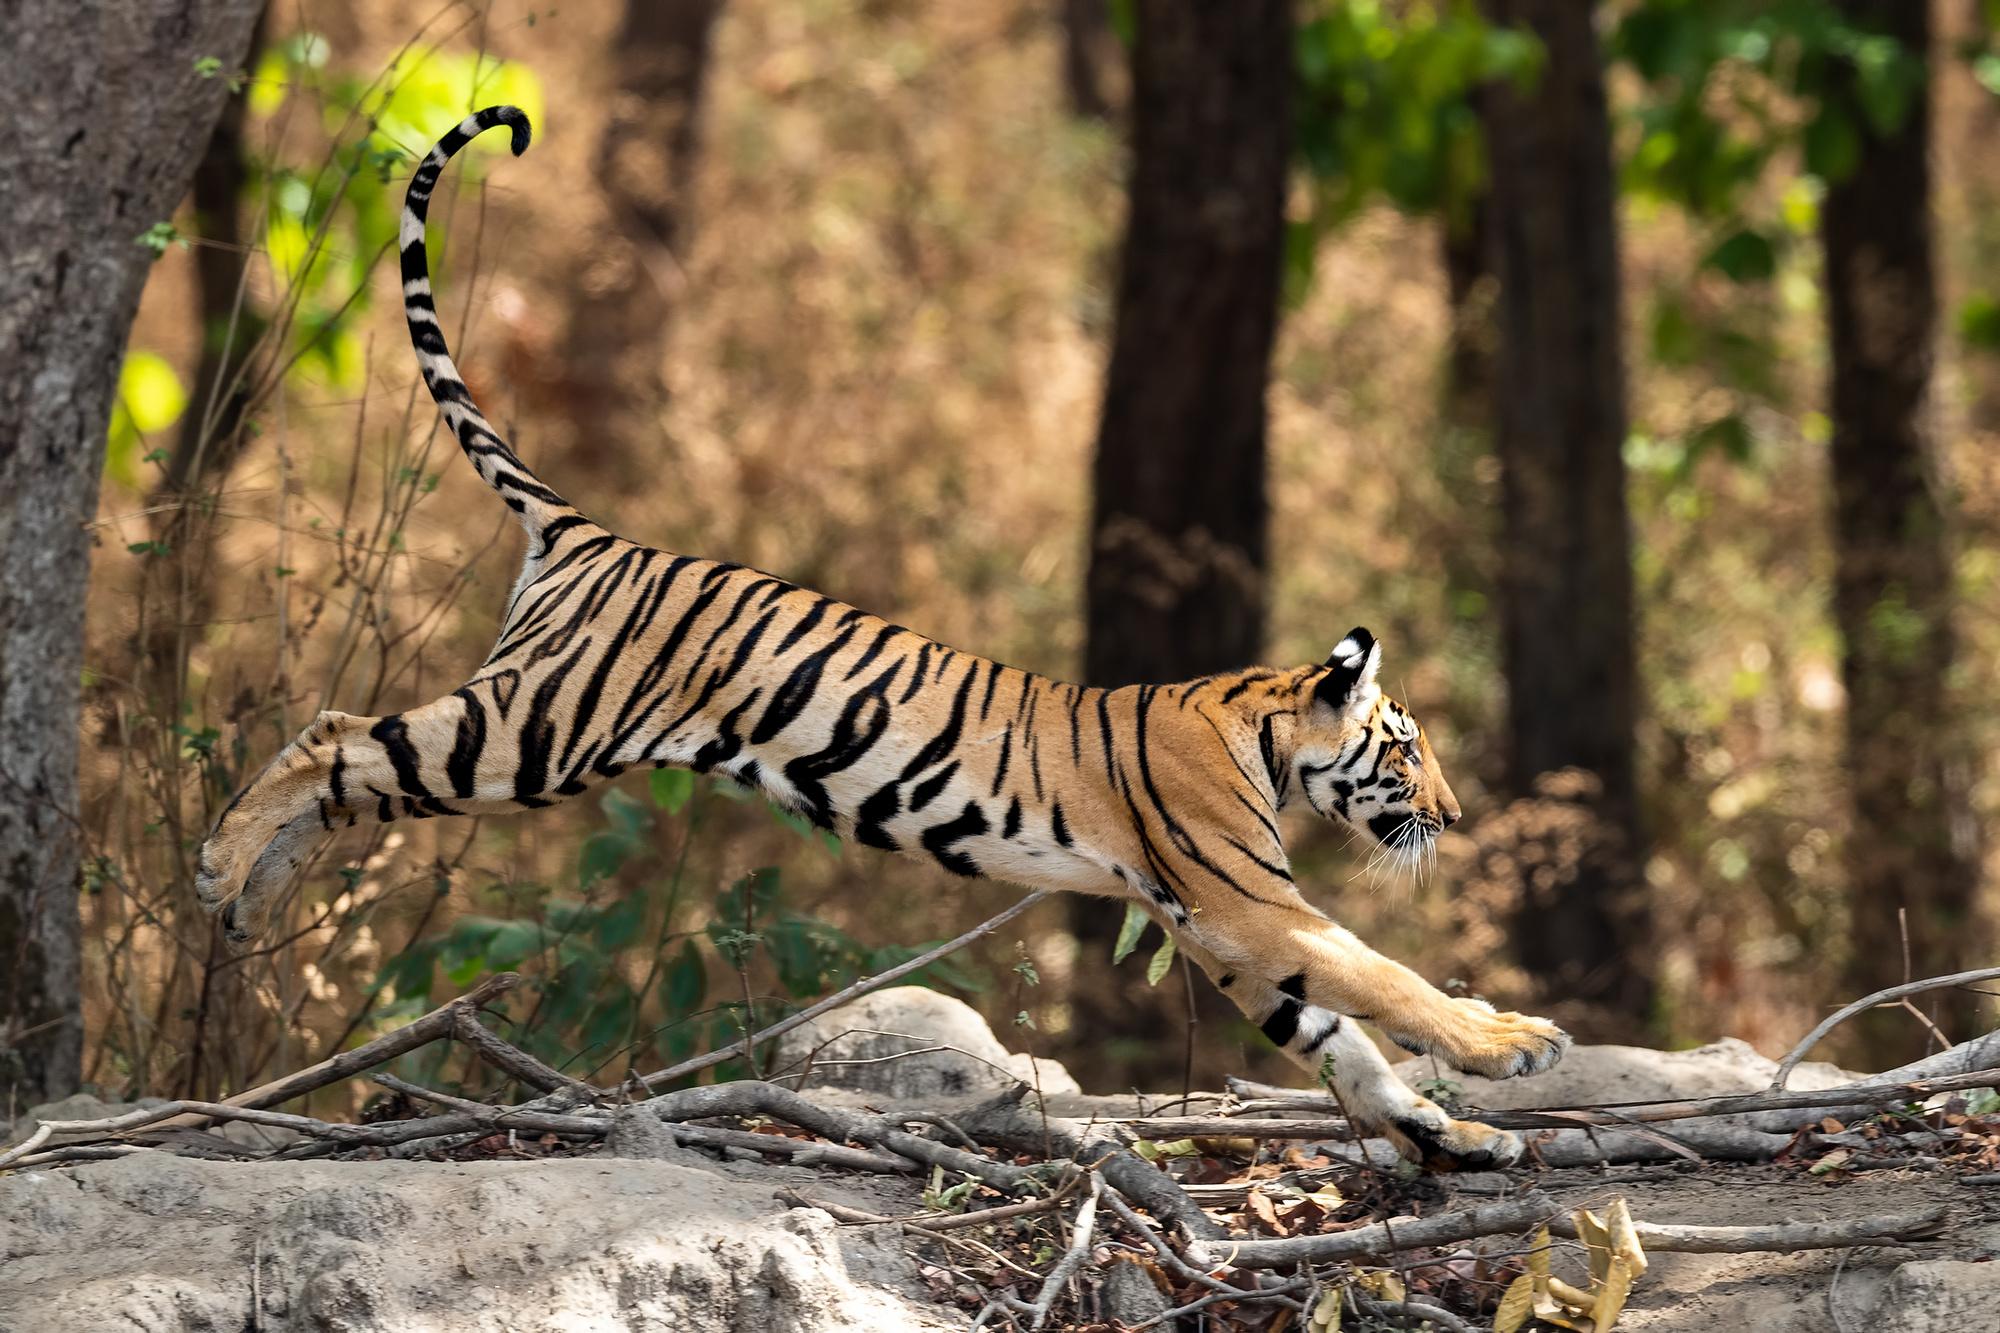 Iedere tijger heeft unieke strepen., Getty